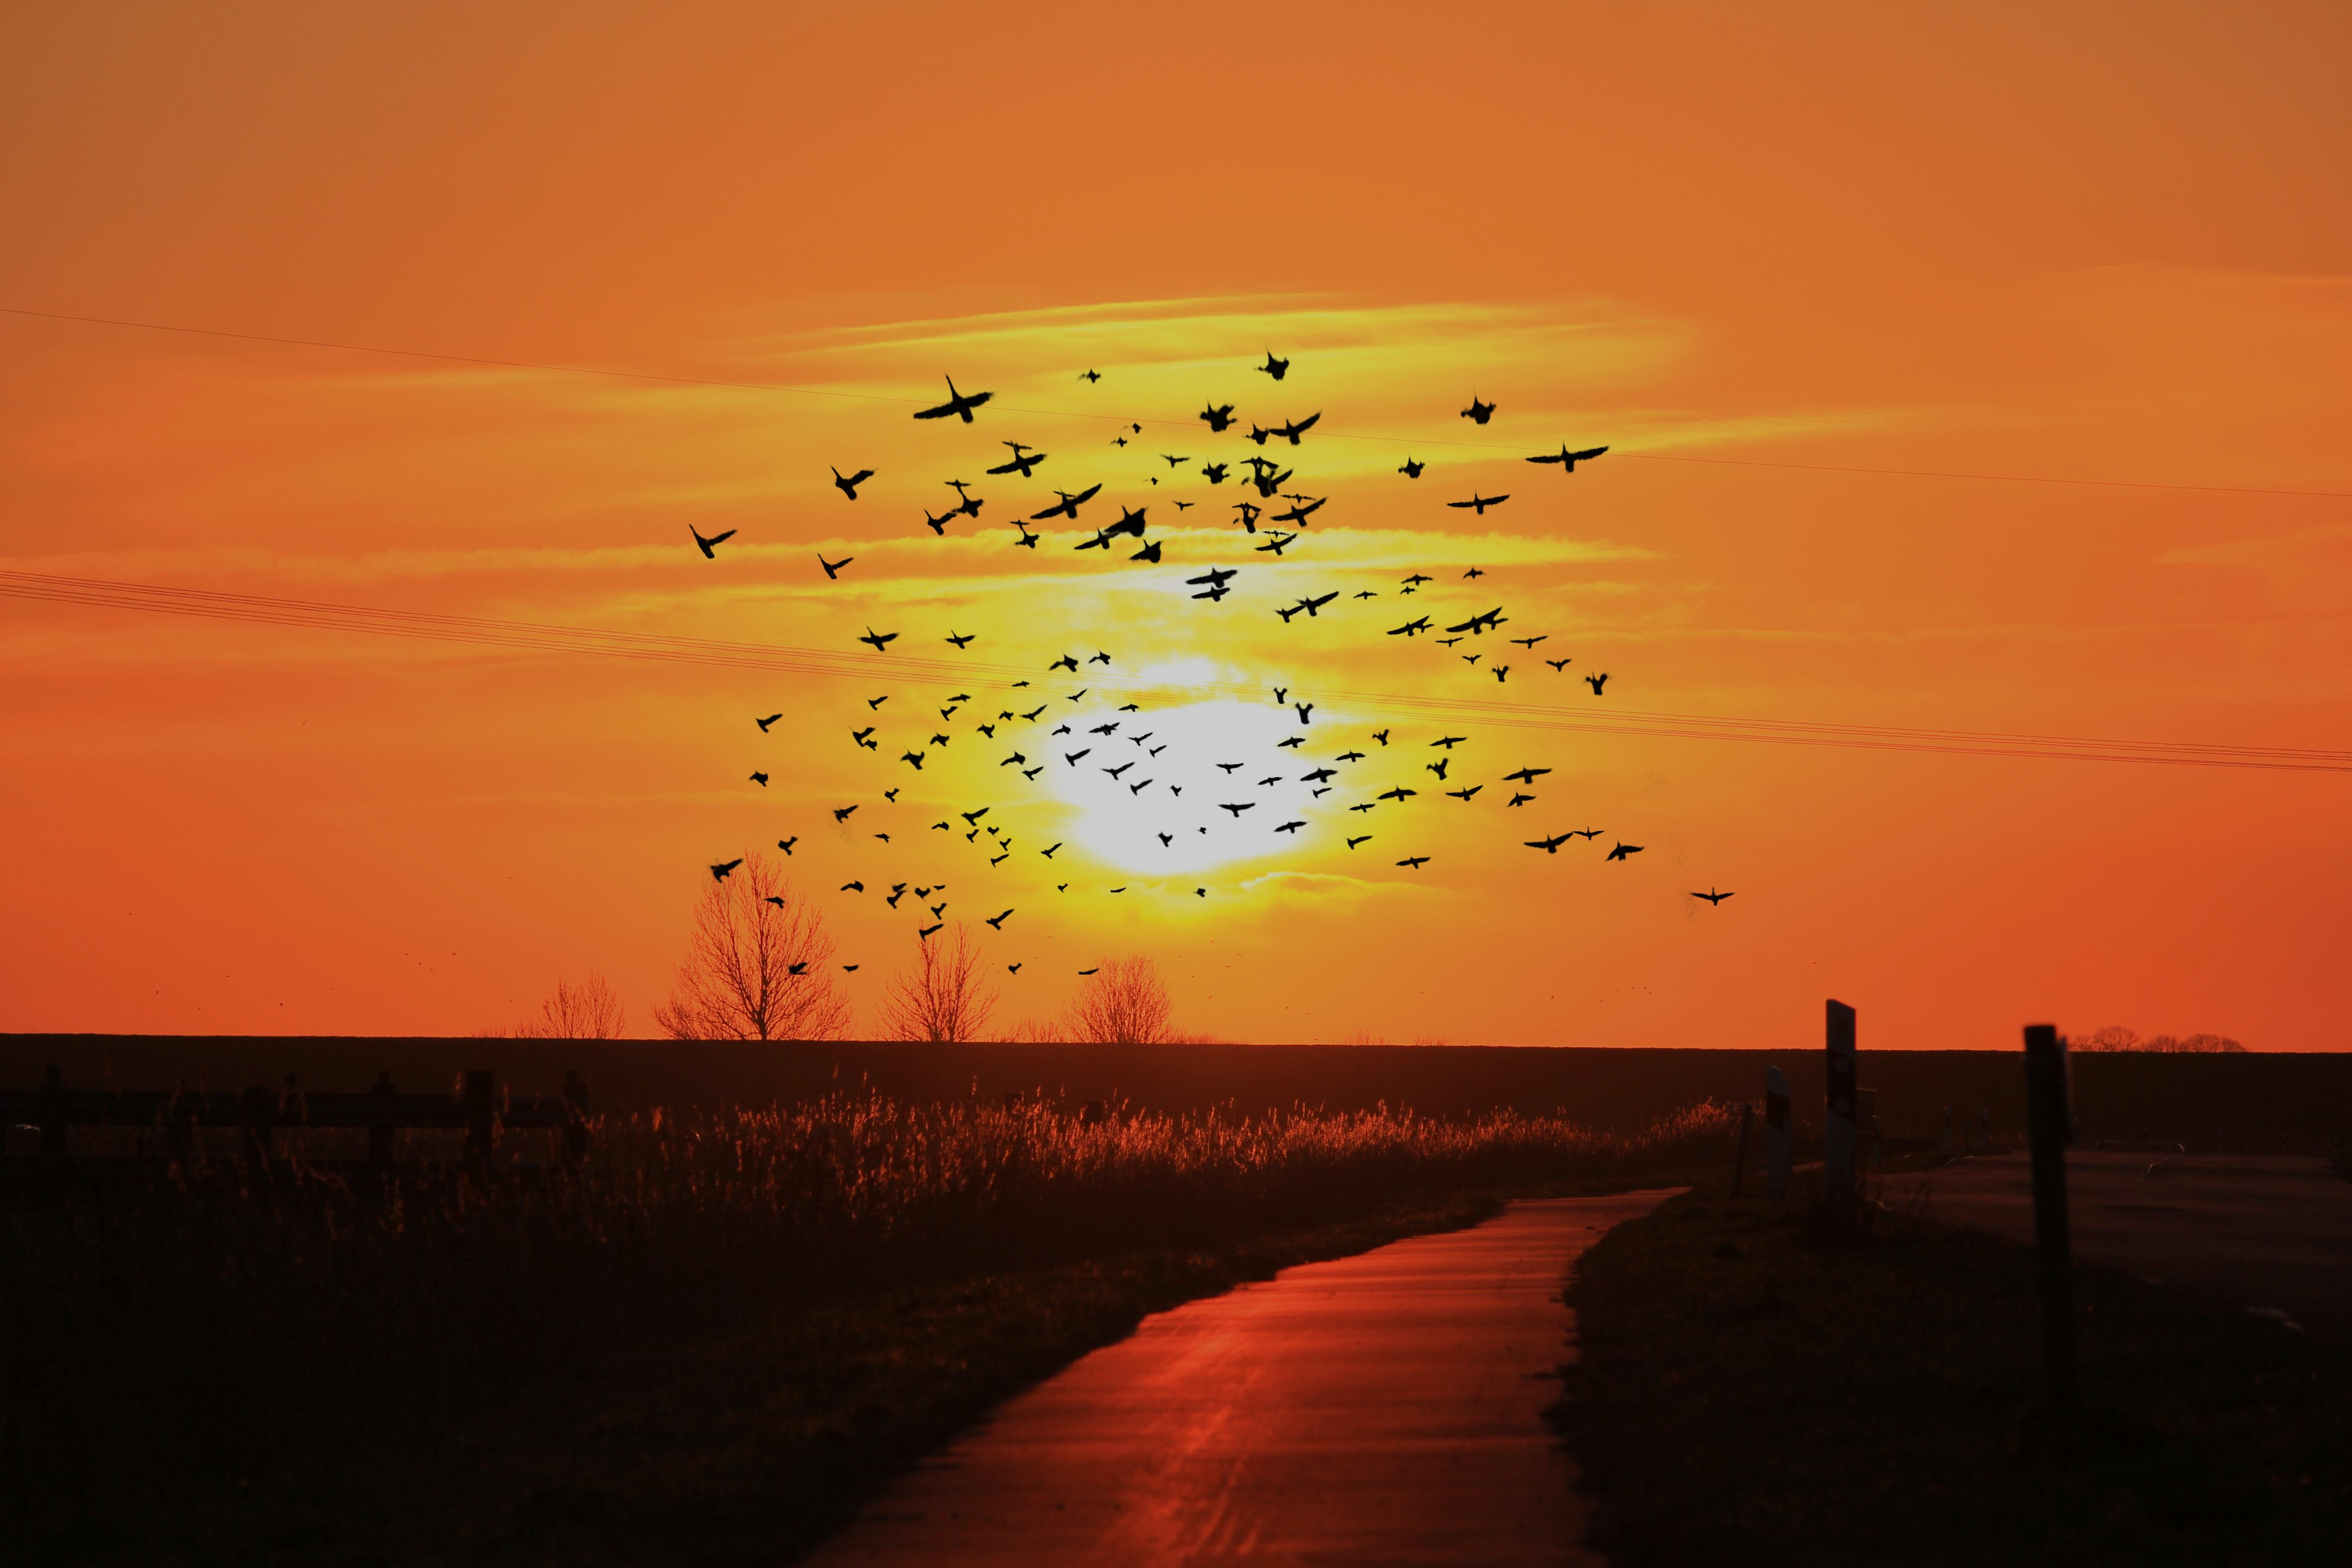 коллекция красивое фото облака птицы закат рассвет скачивания, можете распечатать